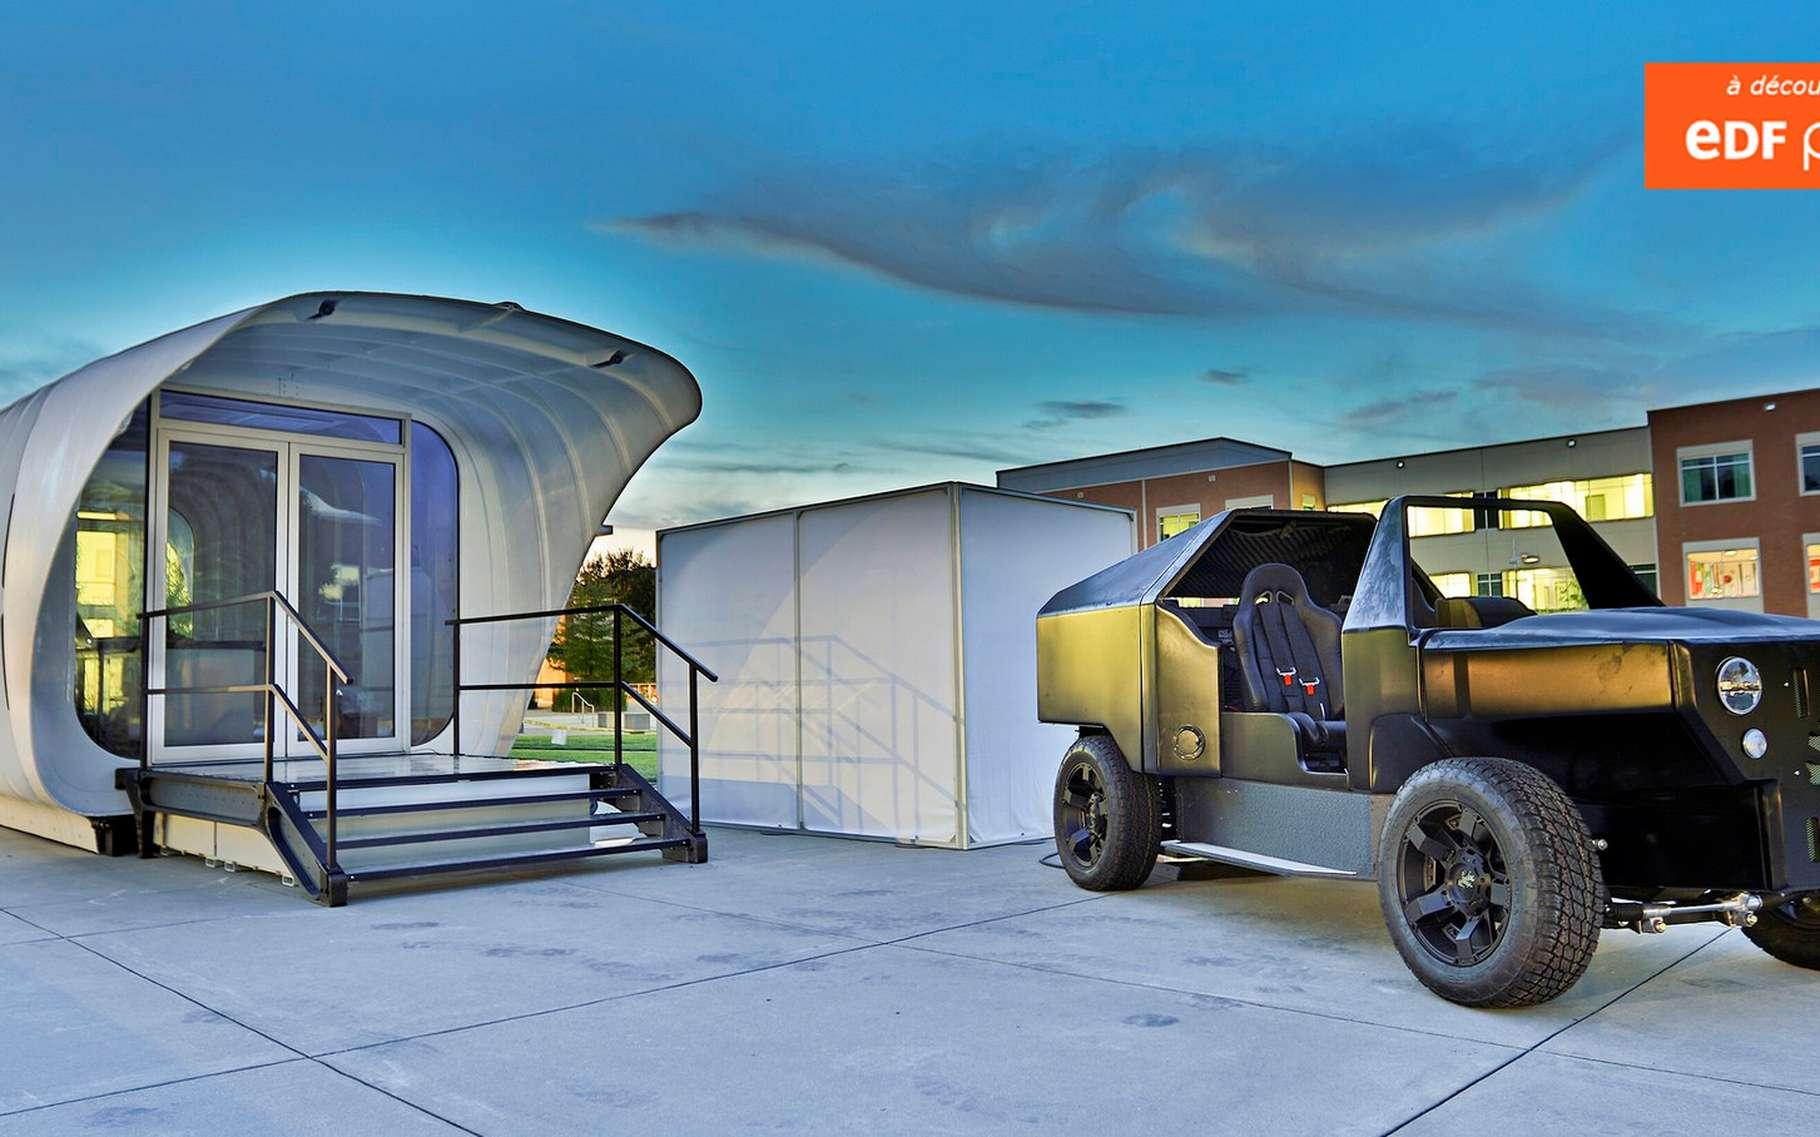 Cette petite habitation ainsi que la voiture stationnée à proximité ont été fabriquées grâce à une imprimante 3D. Le véhicule est un hybride gaz-électrique tandis que la maisonnette est alimentée par des panneaux solaires. L'un et l'autre peuvent partager leur énergie non utilisée via un système de transfert par induction. © Oak Ridge National Laboratory